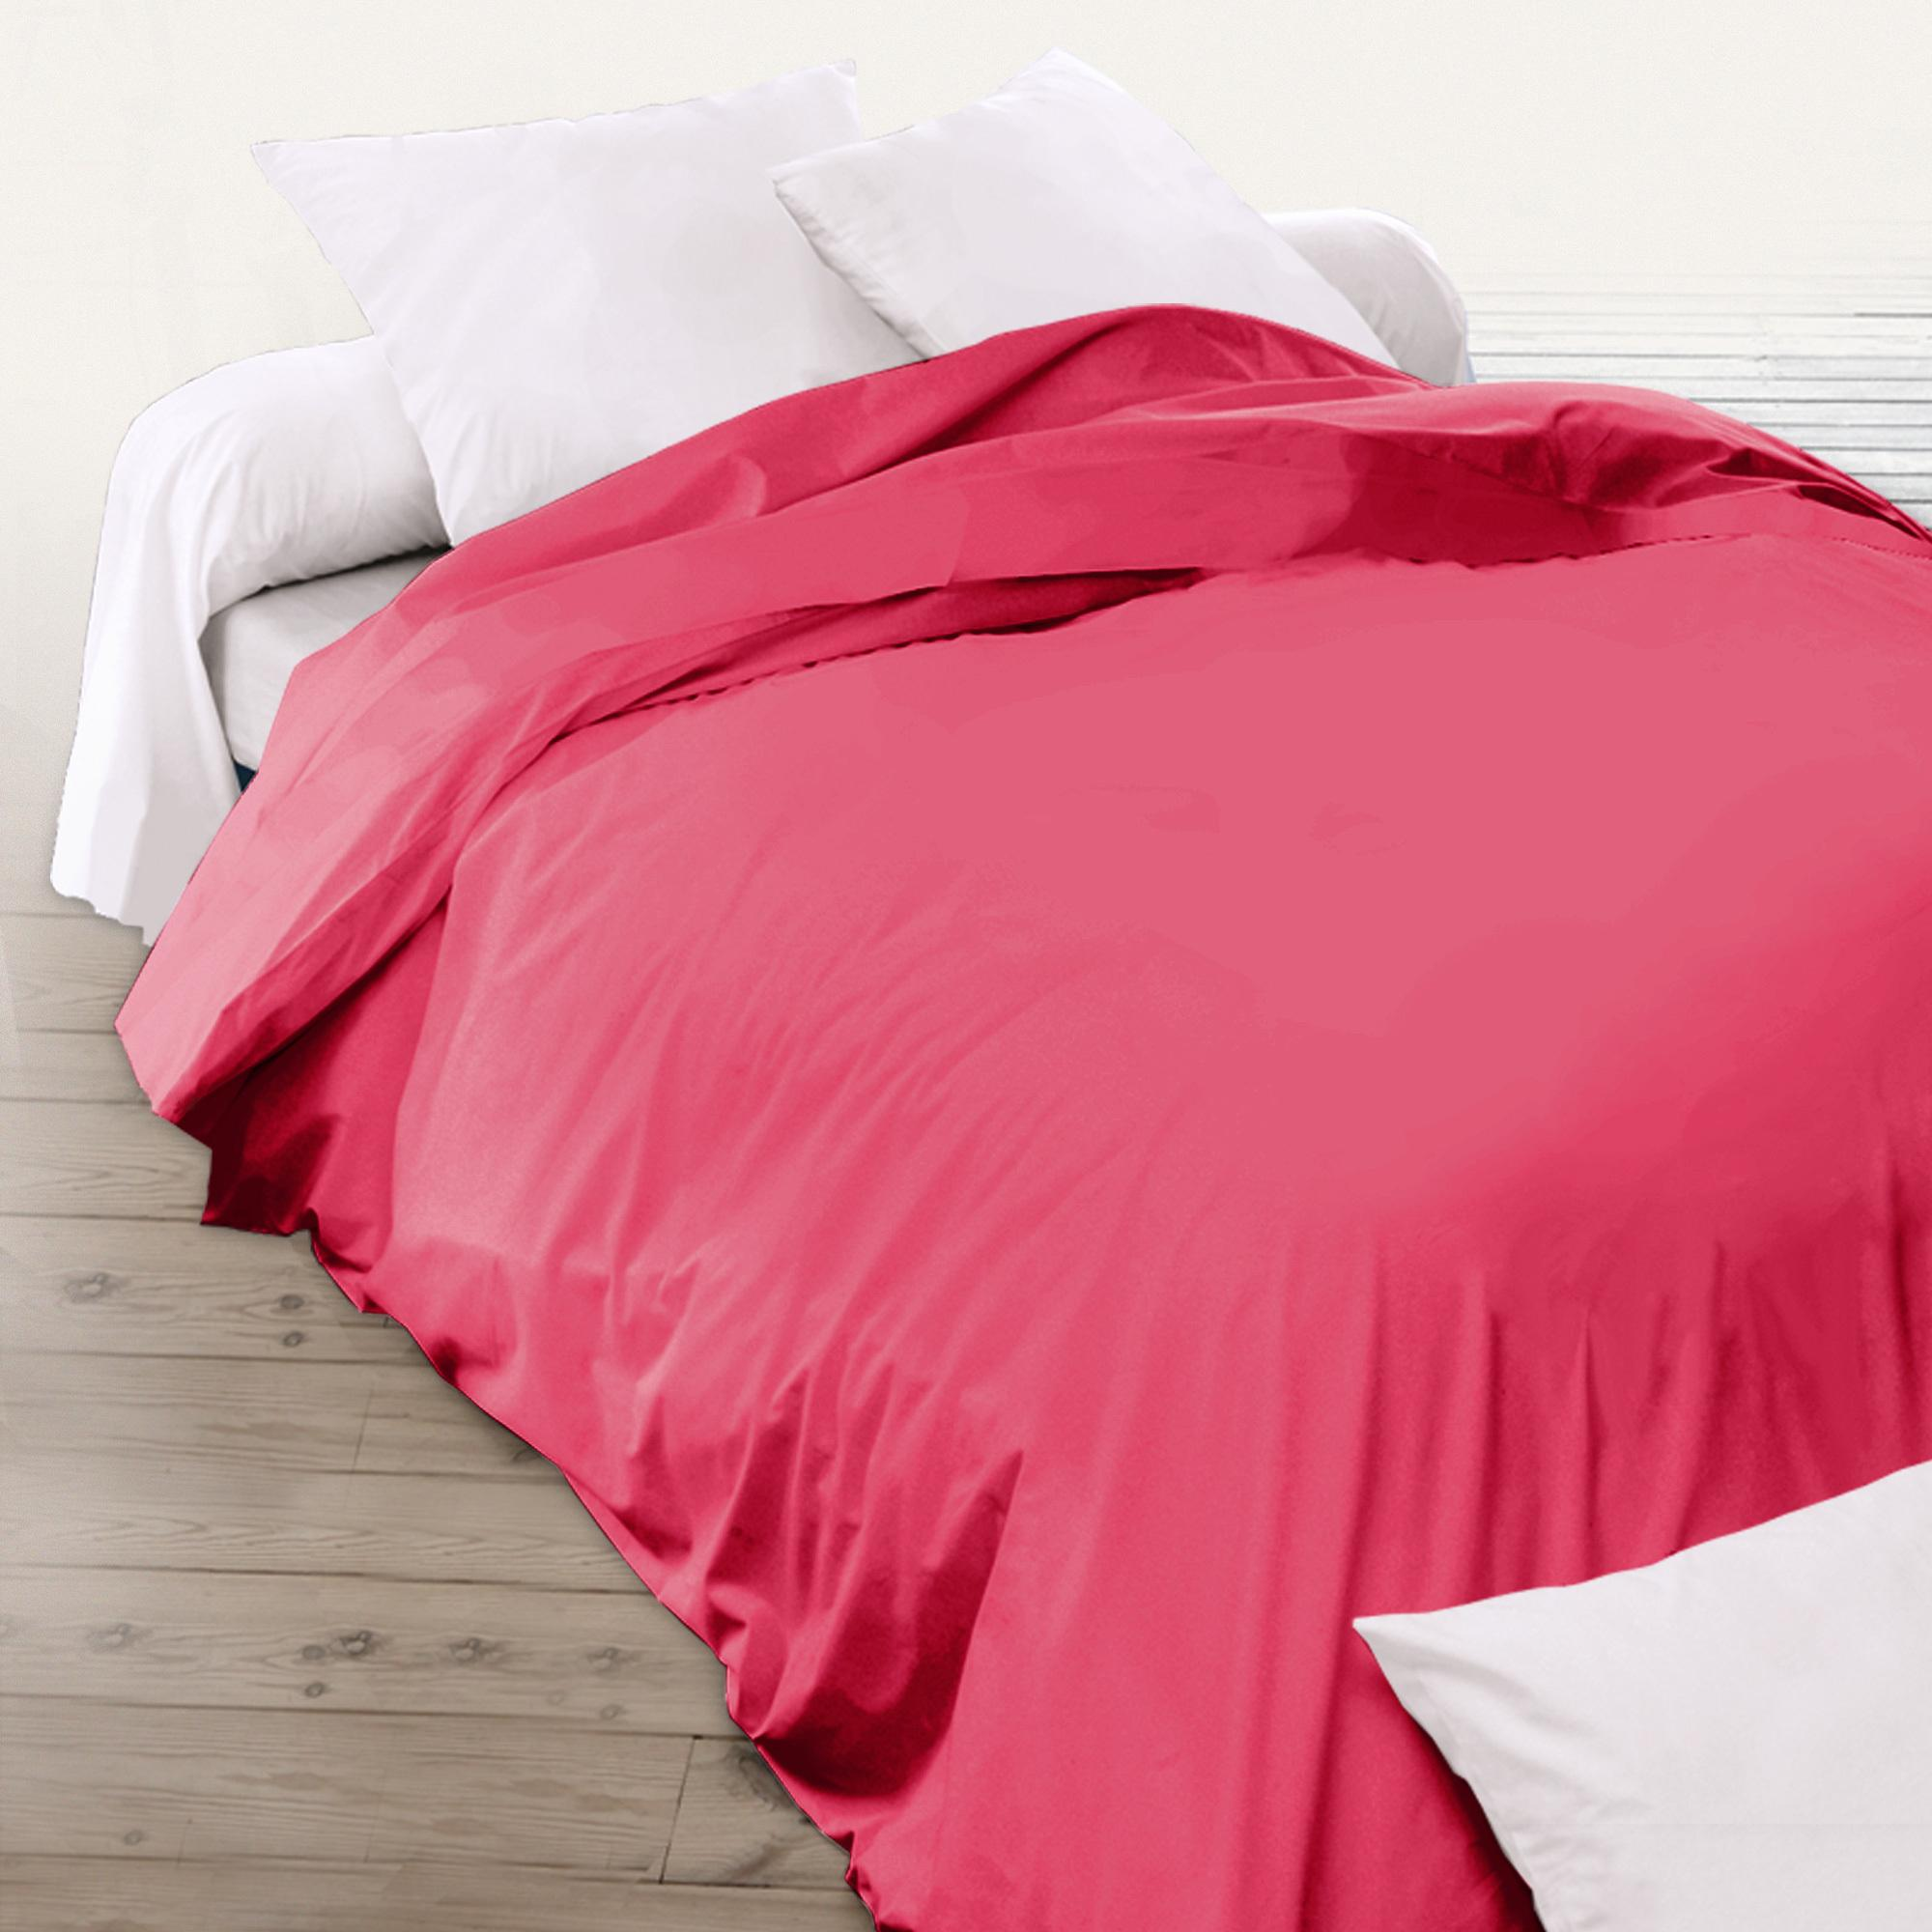 housse de couette 200x200cm uni pur coton alto rose kerala linnea linge de maison et. Black Bedroom Furniture Sets. Home Design Ideas